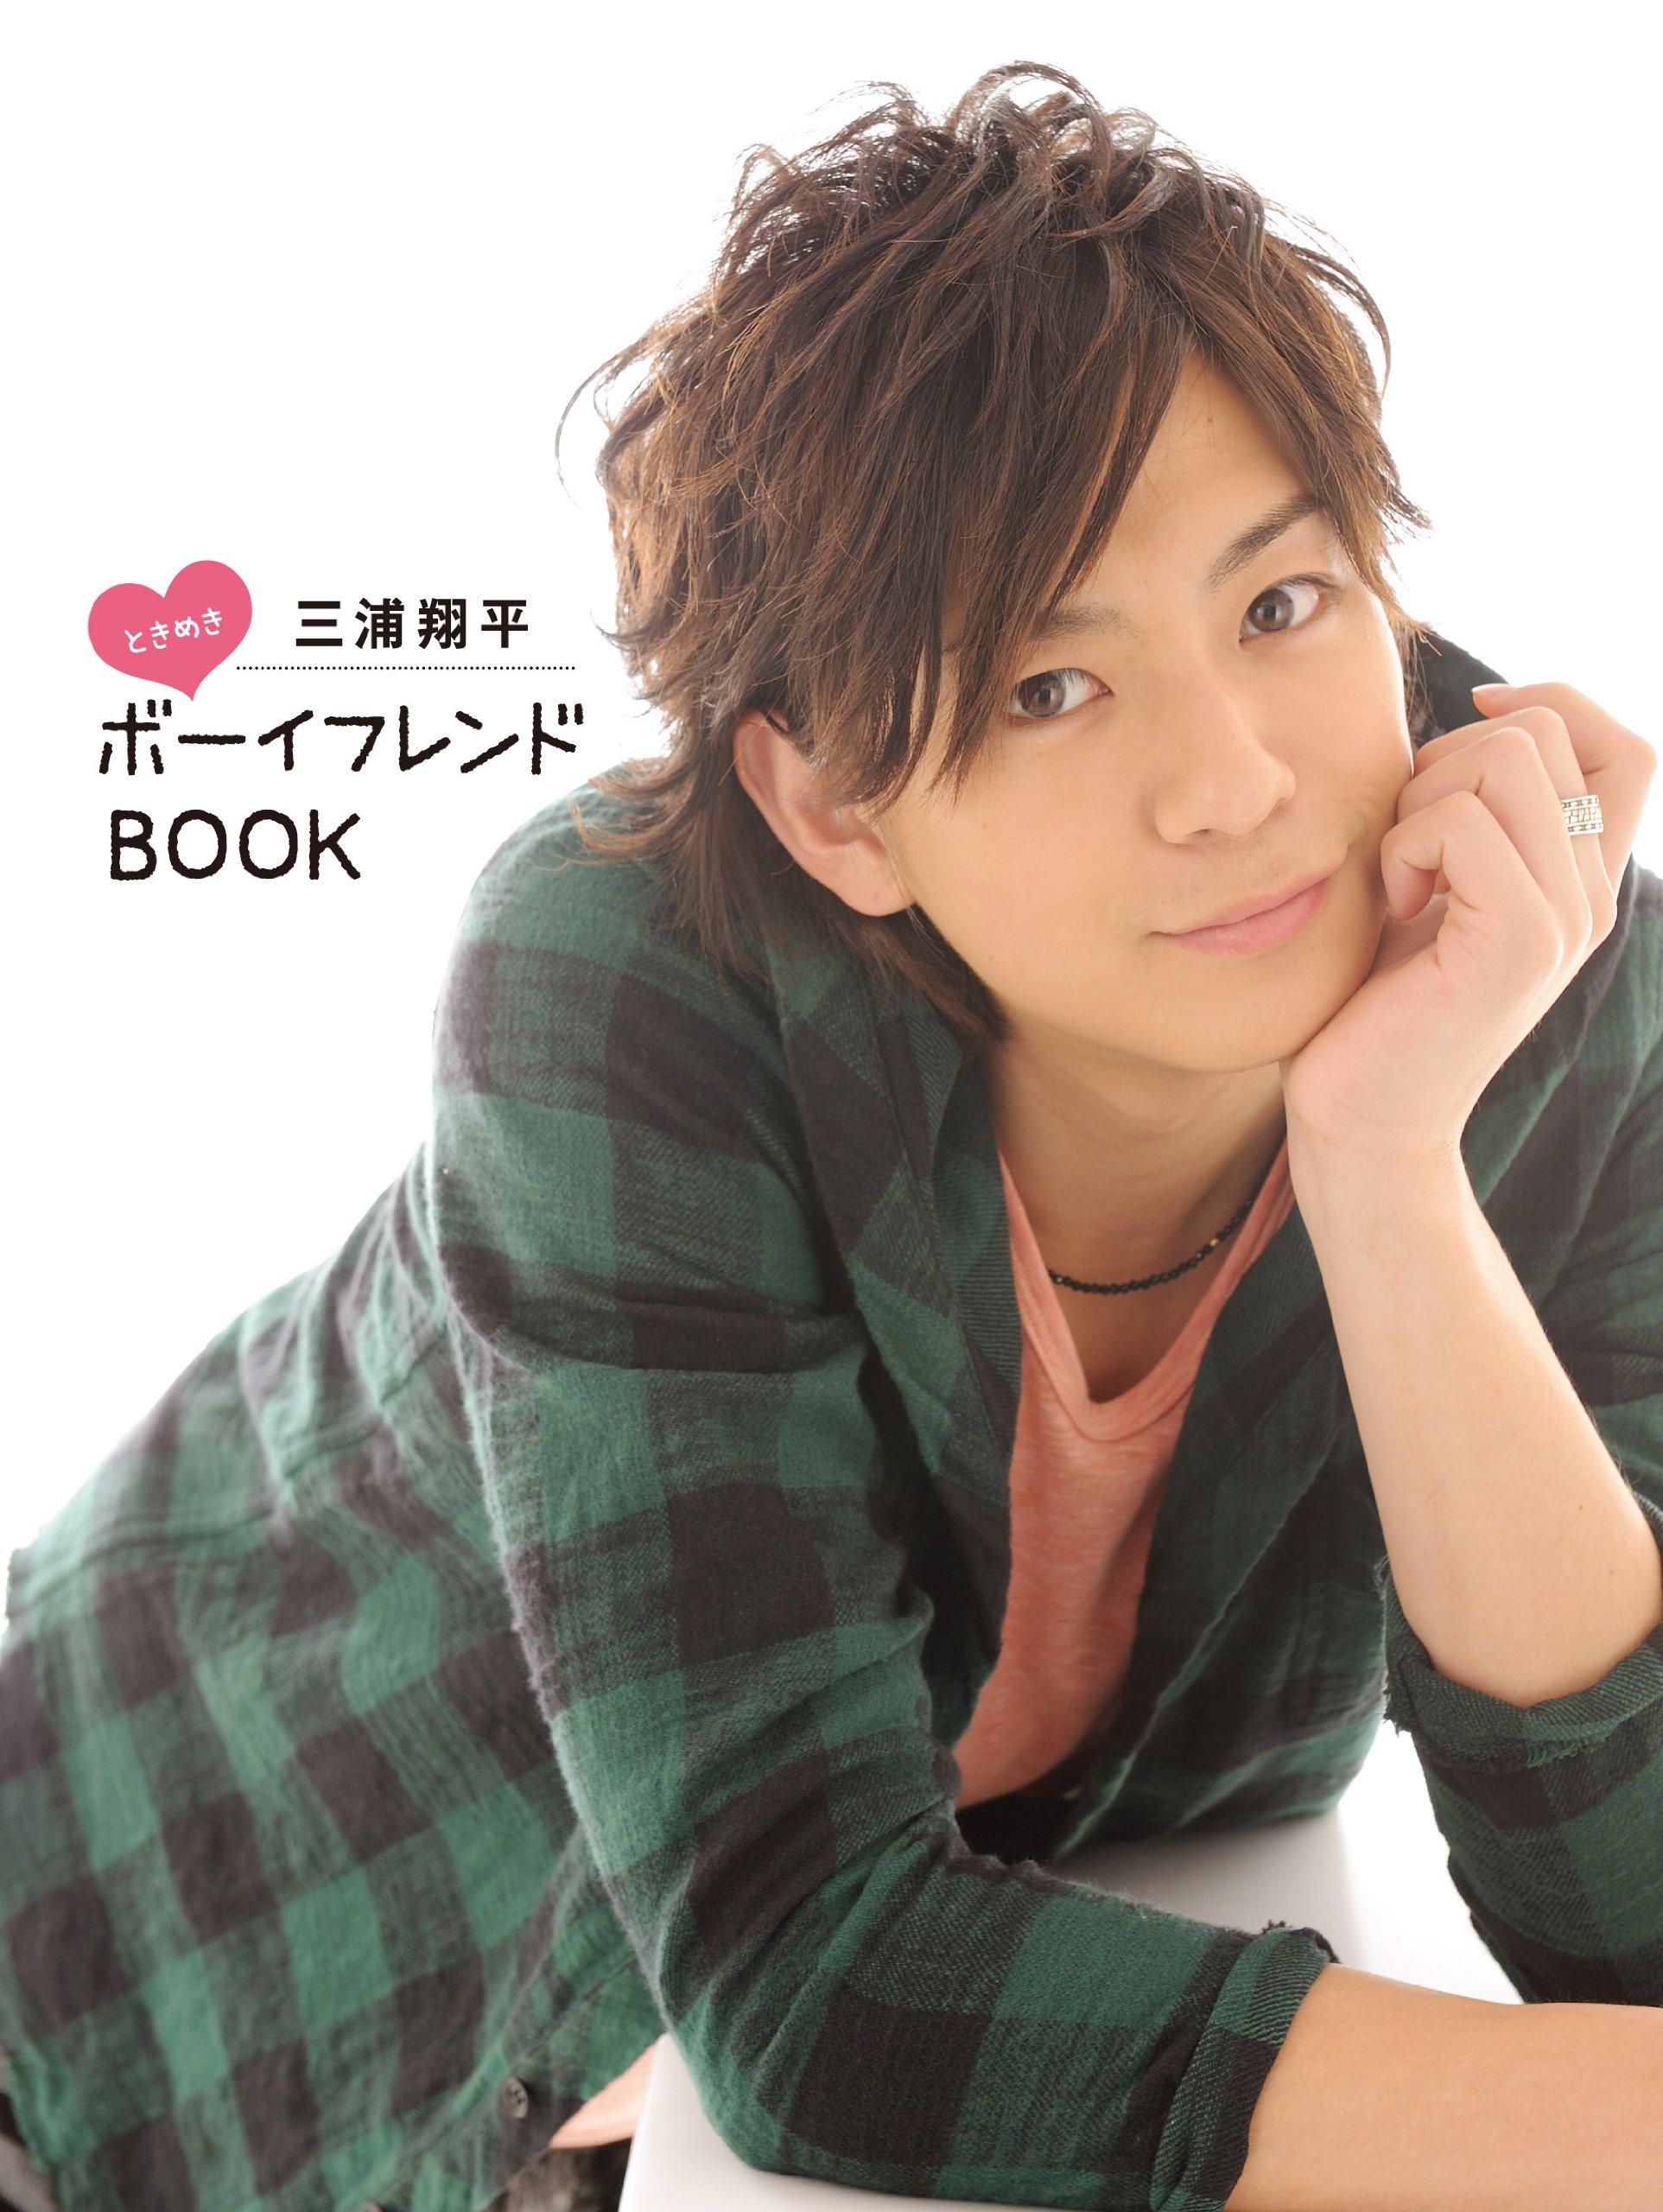 三浦翔平 三浦翔平 ときめきボーイフレンドBOOK (TOKYO NEWS MOOK 223号) | 為広麻里 |本 | 通販 | Amazon